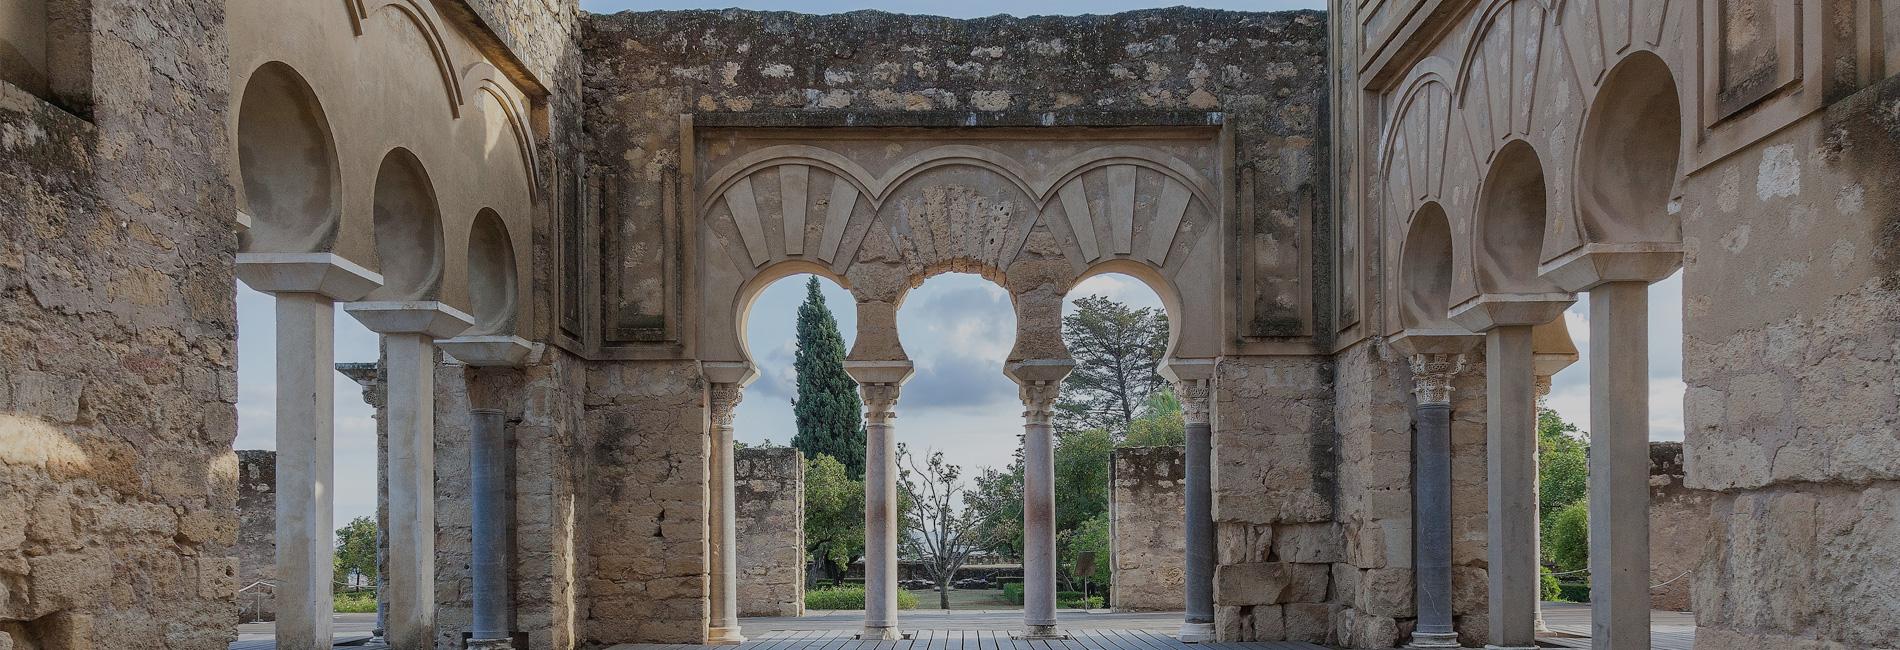 turismo en cordoba medina azahara